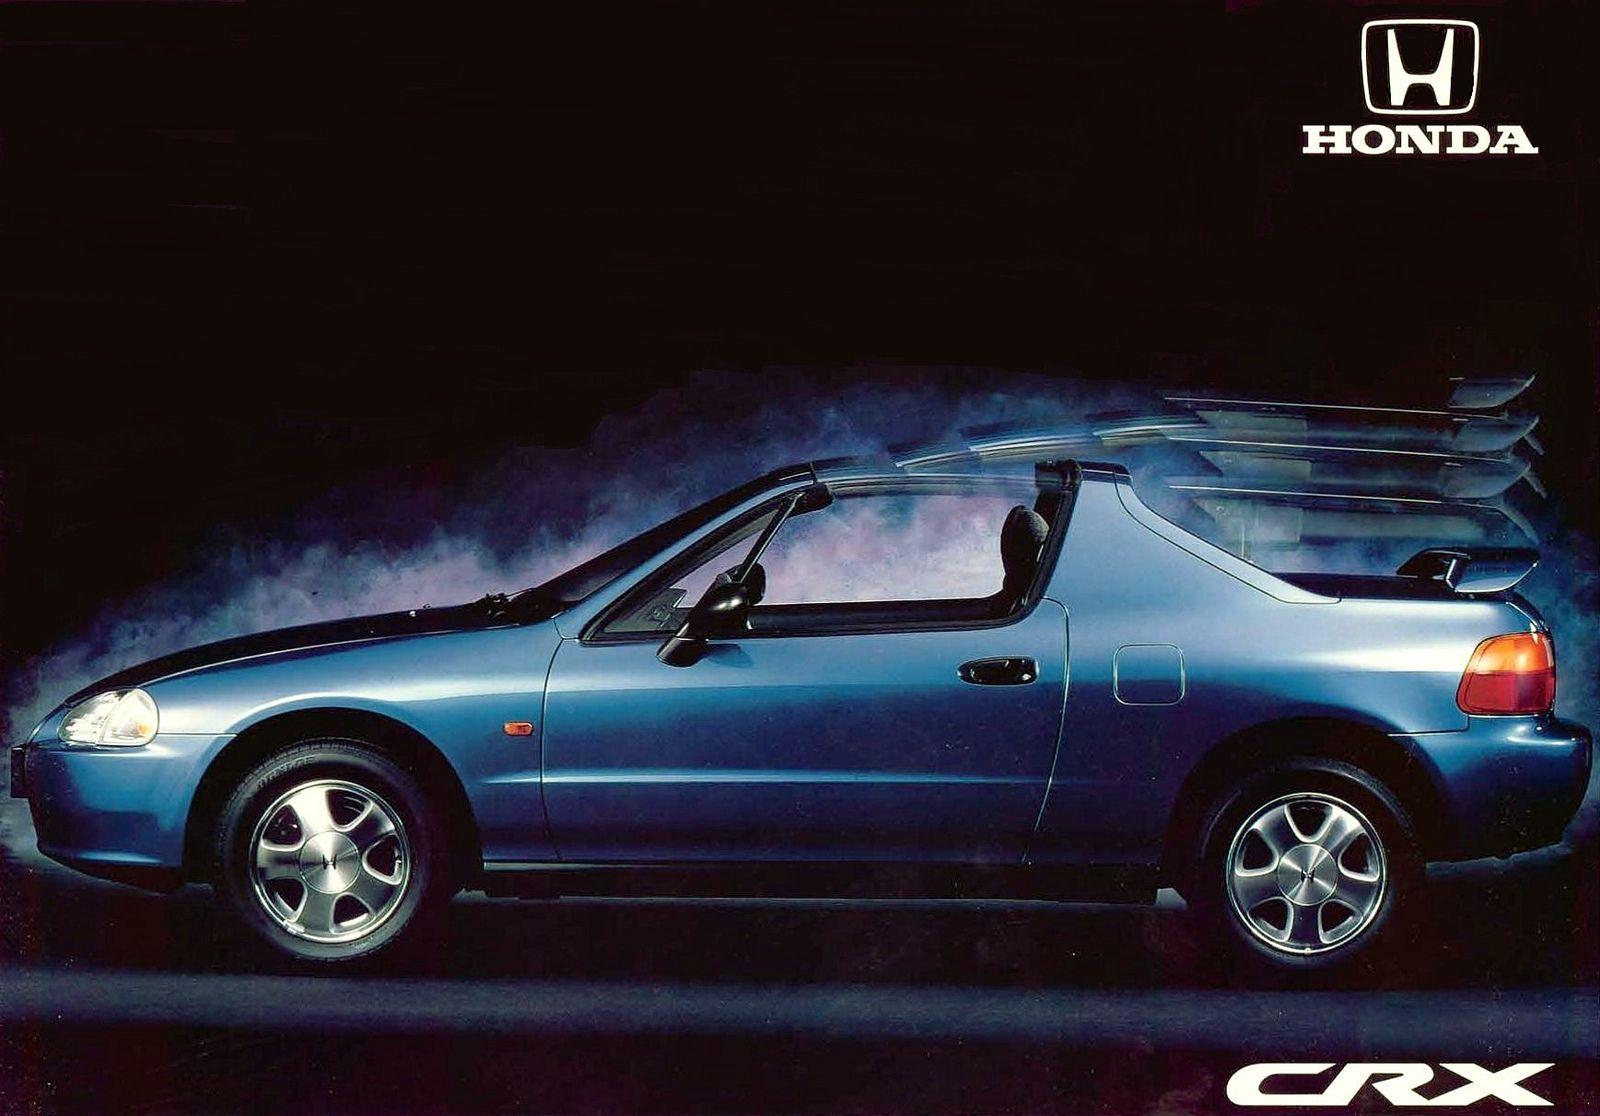 Honda Crx Spain Brochure 1993 Honda Crx Honda Honda Del Sol